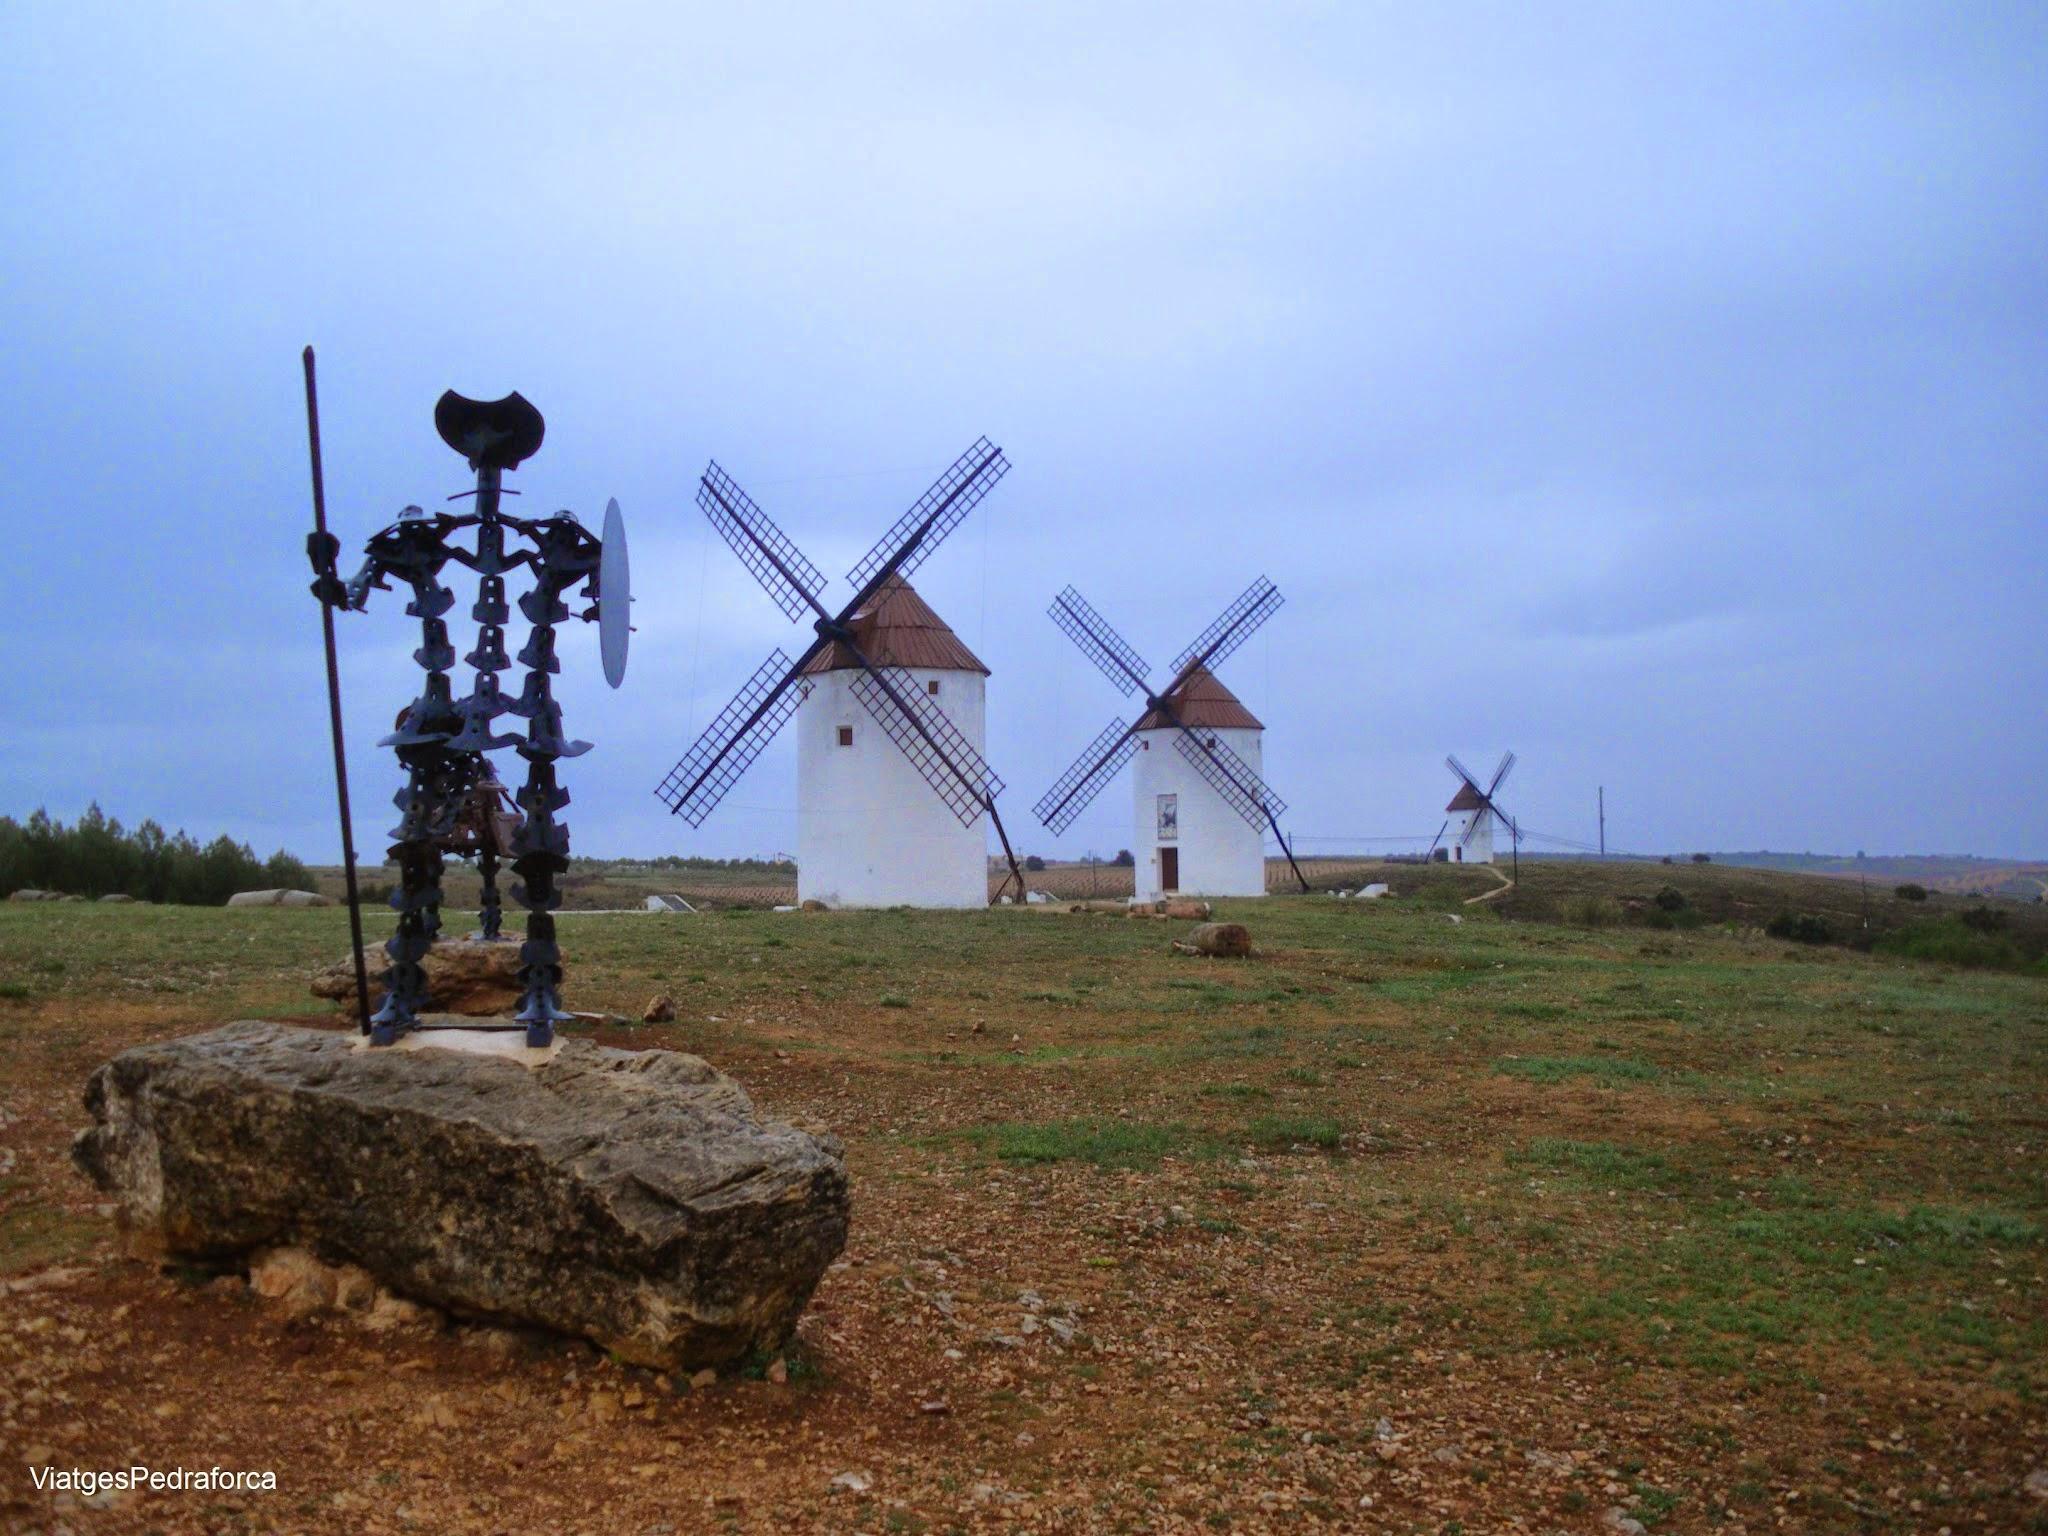 Castillla-La Mancha